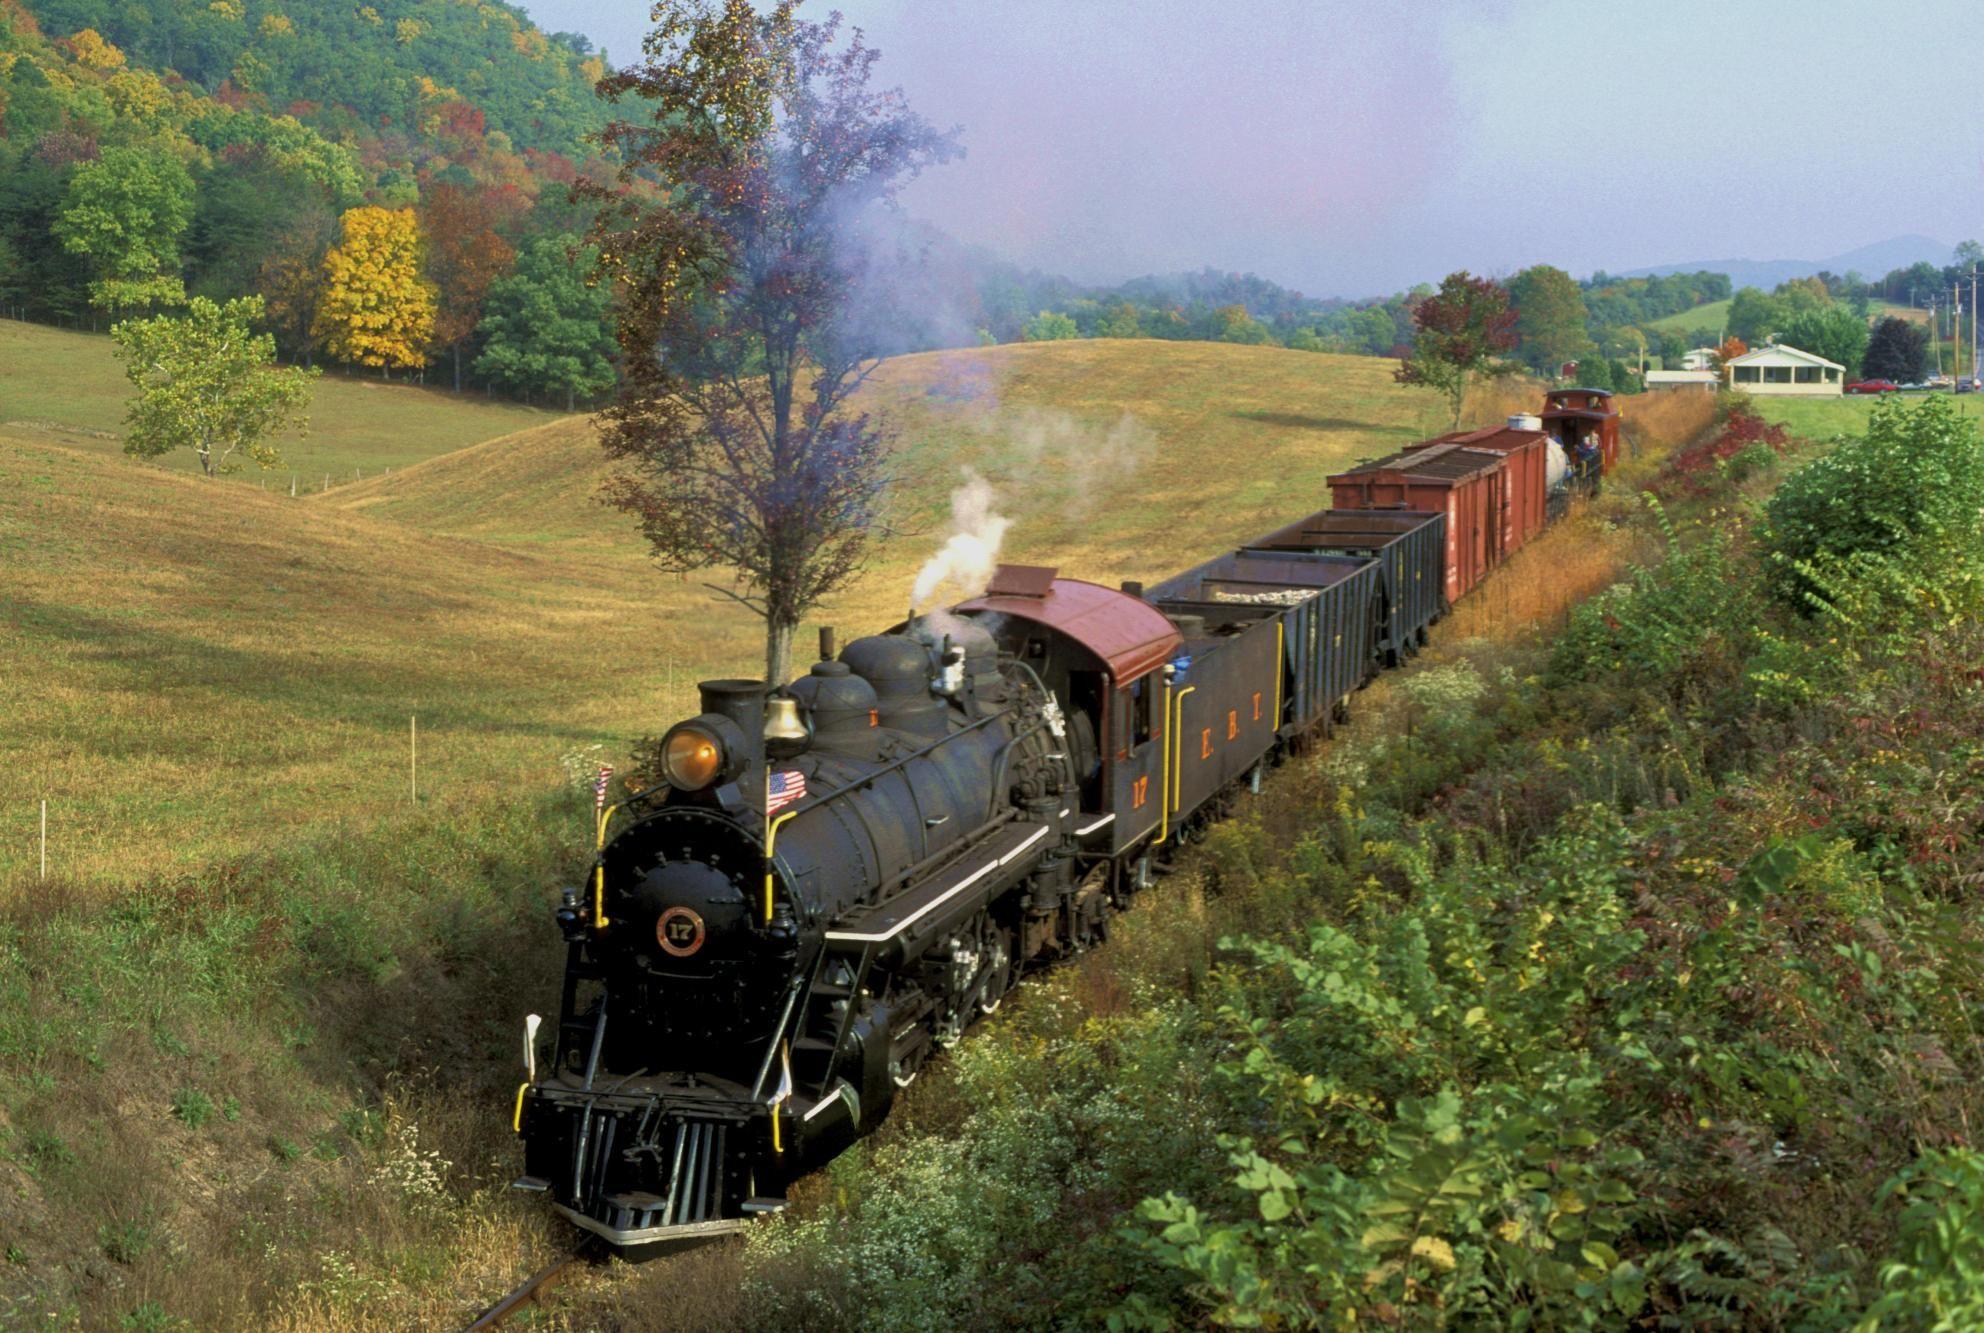 картинка с машиной железной дорогой пояснице откуда